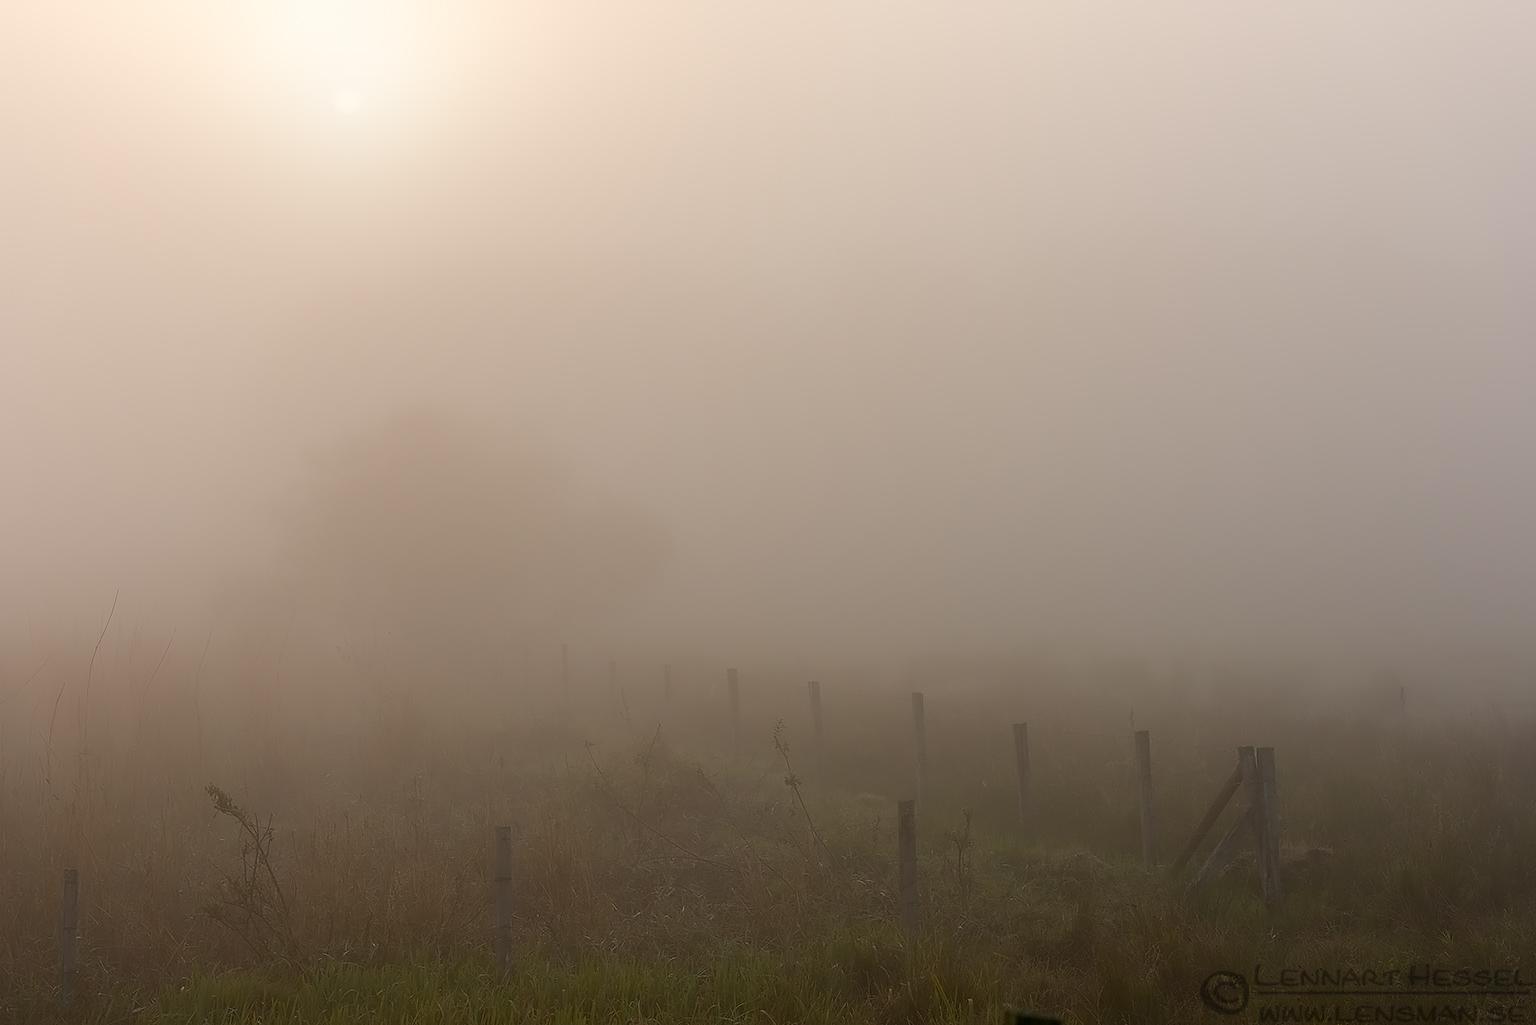 Fenches fog